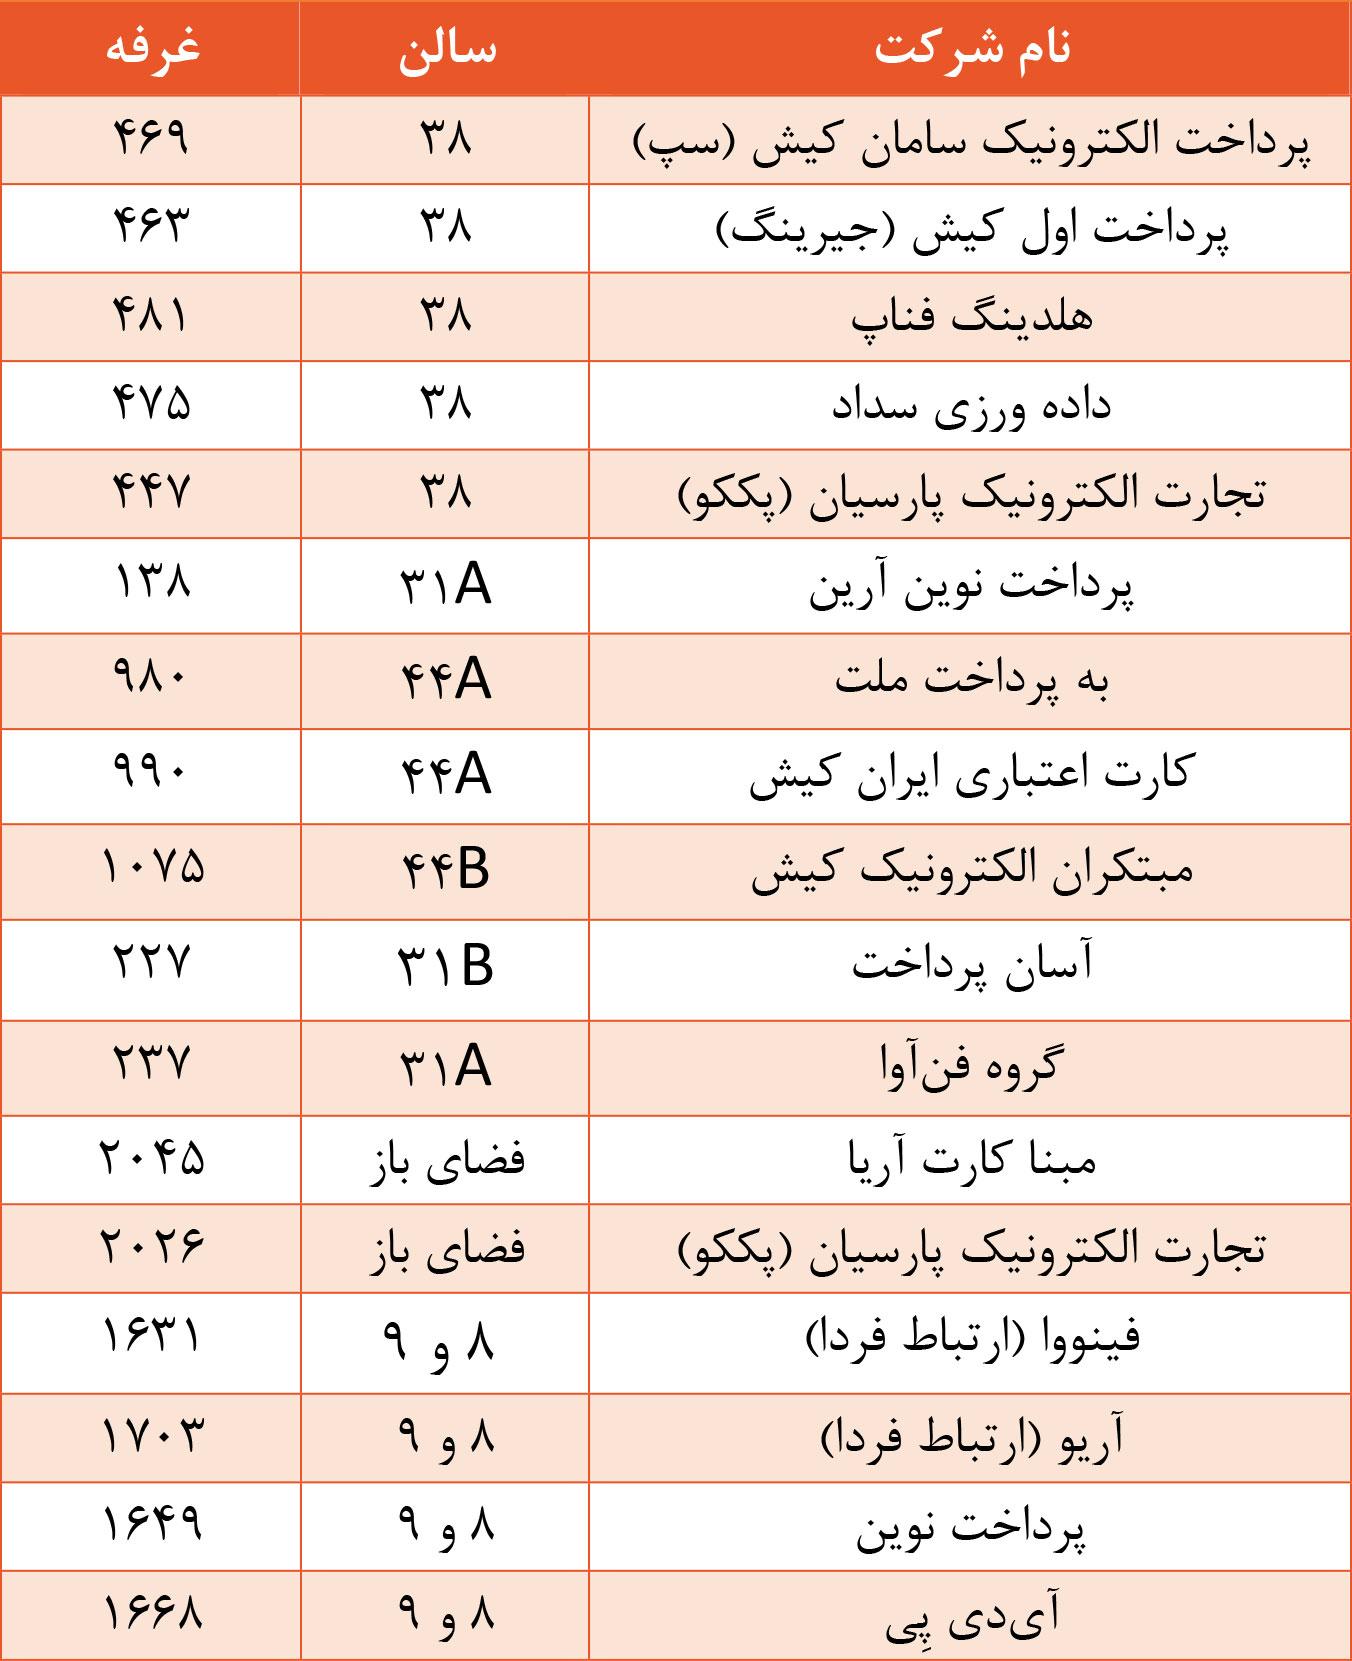 فهرست شرکتهای بانکداری و پرداخت حاضر در بیستوسومین نمایشگاه الکامپ